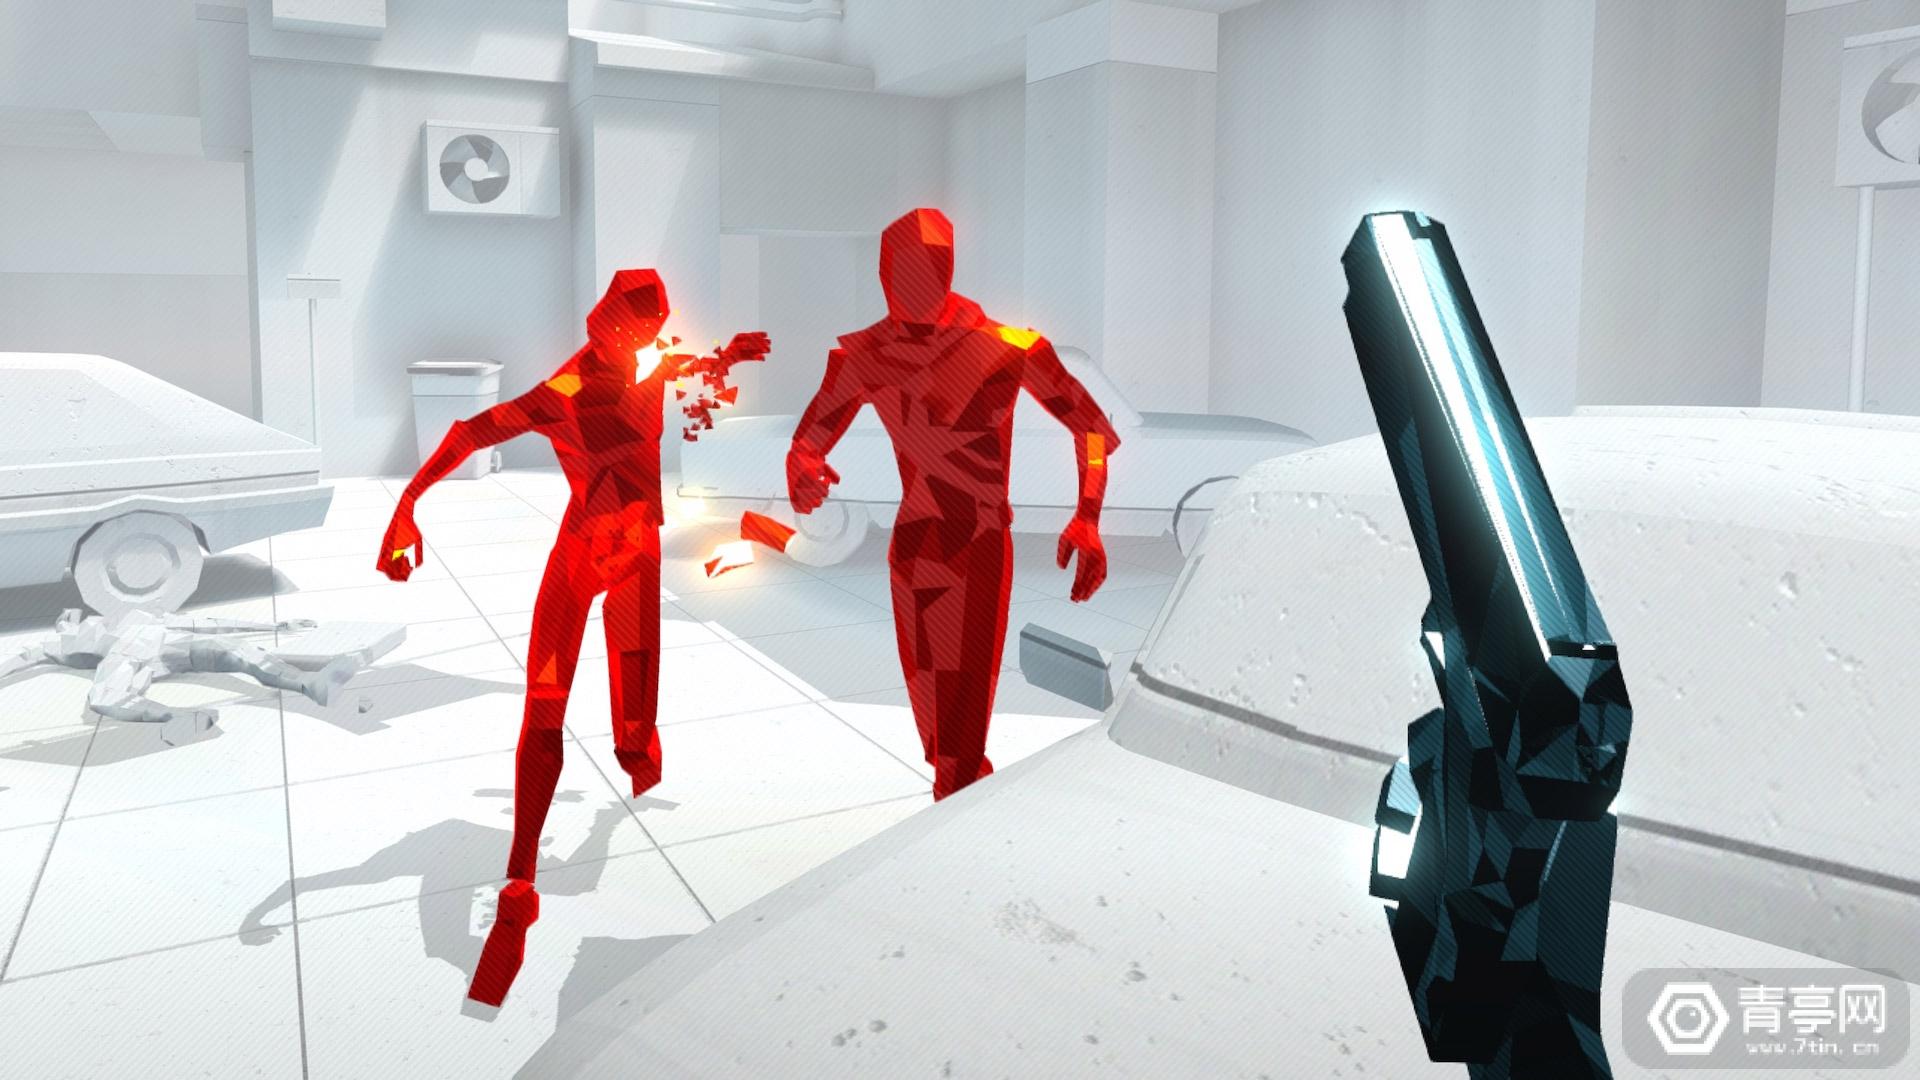 《Superhot》全平台销量突破1200万份,其中100万来自Quest